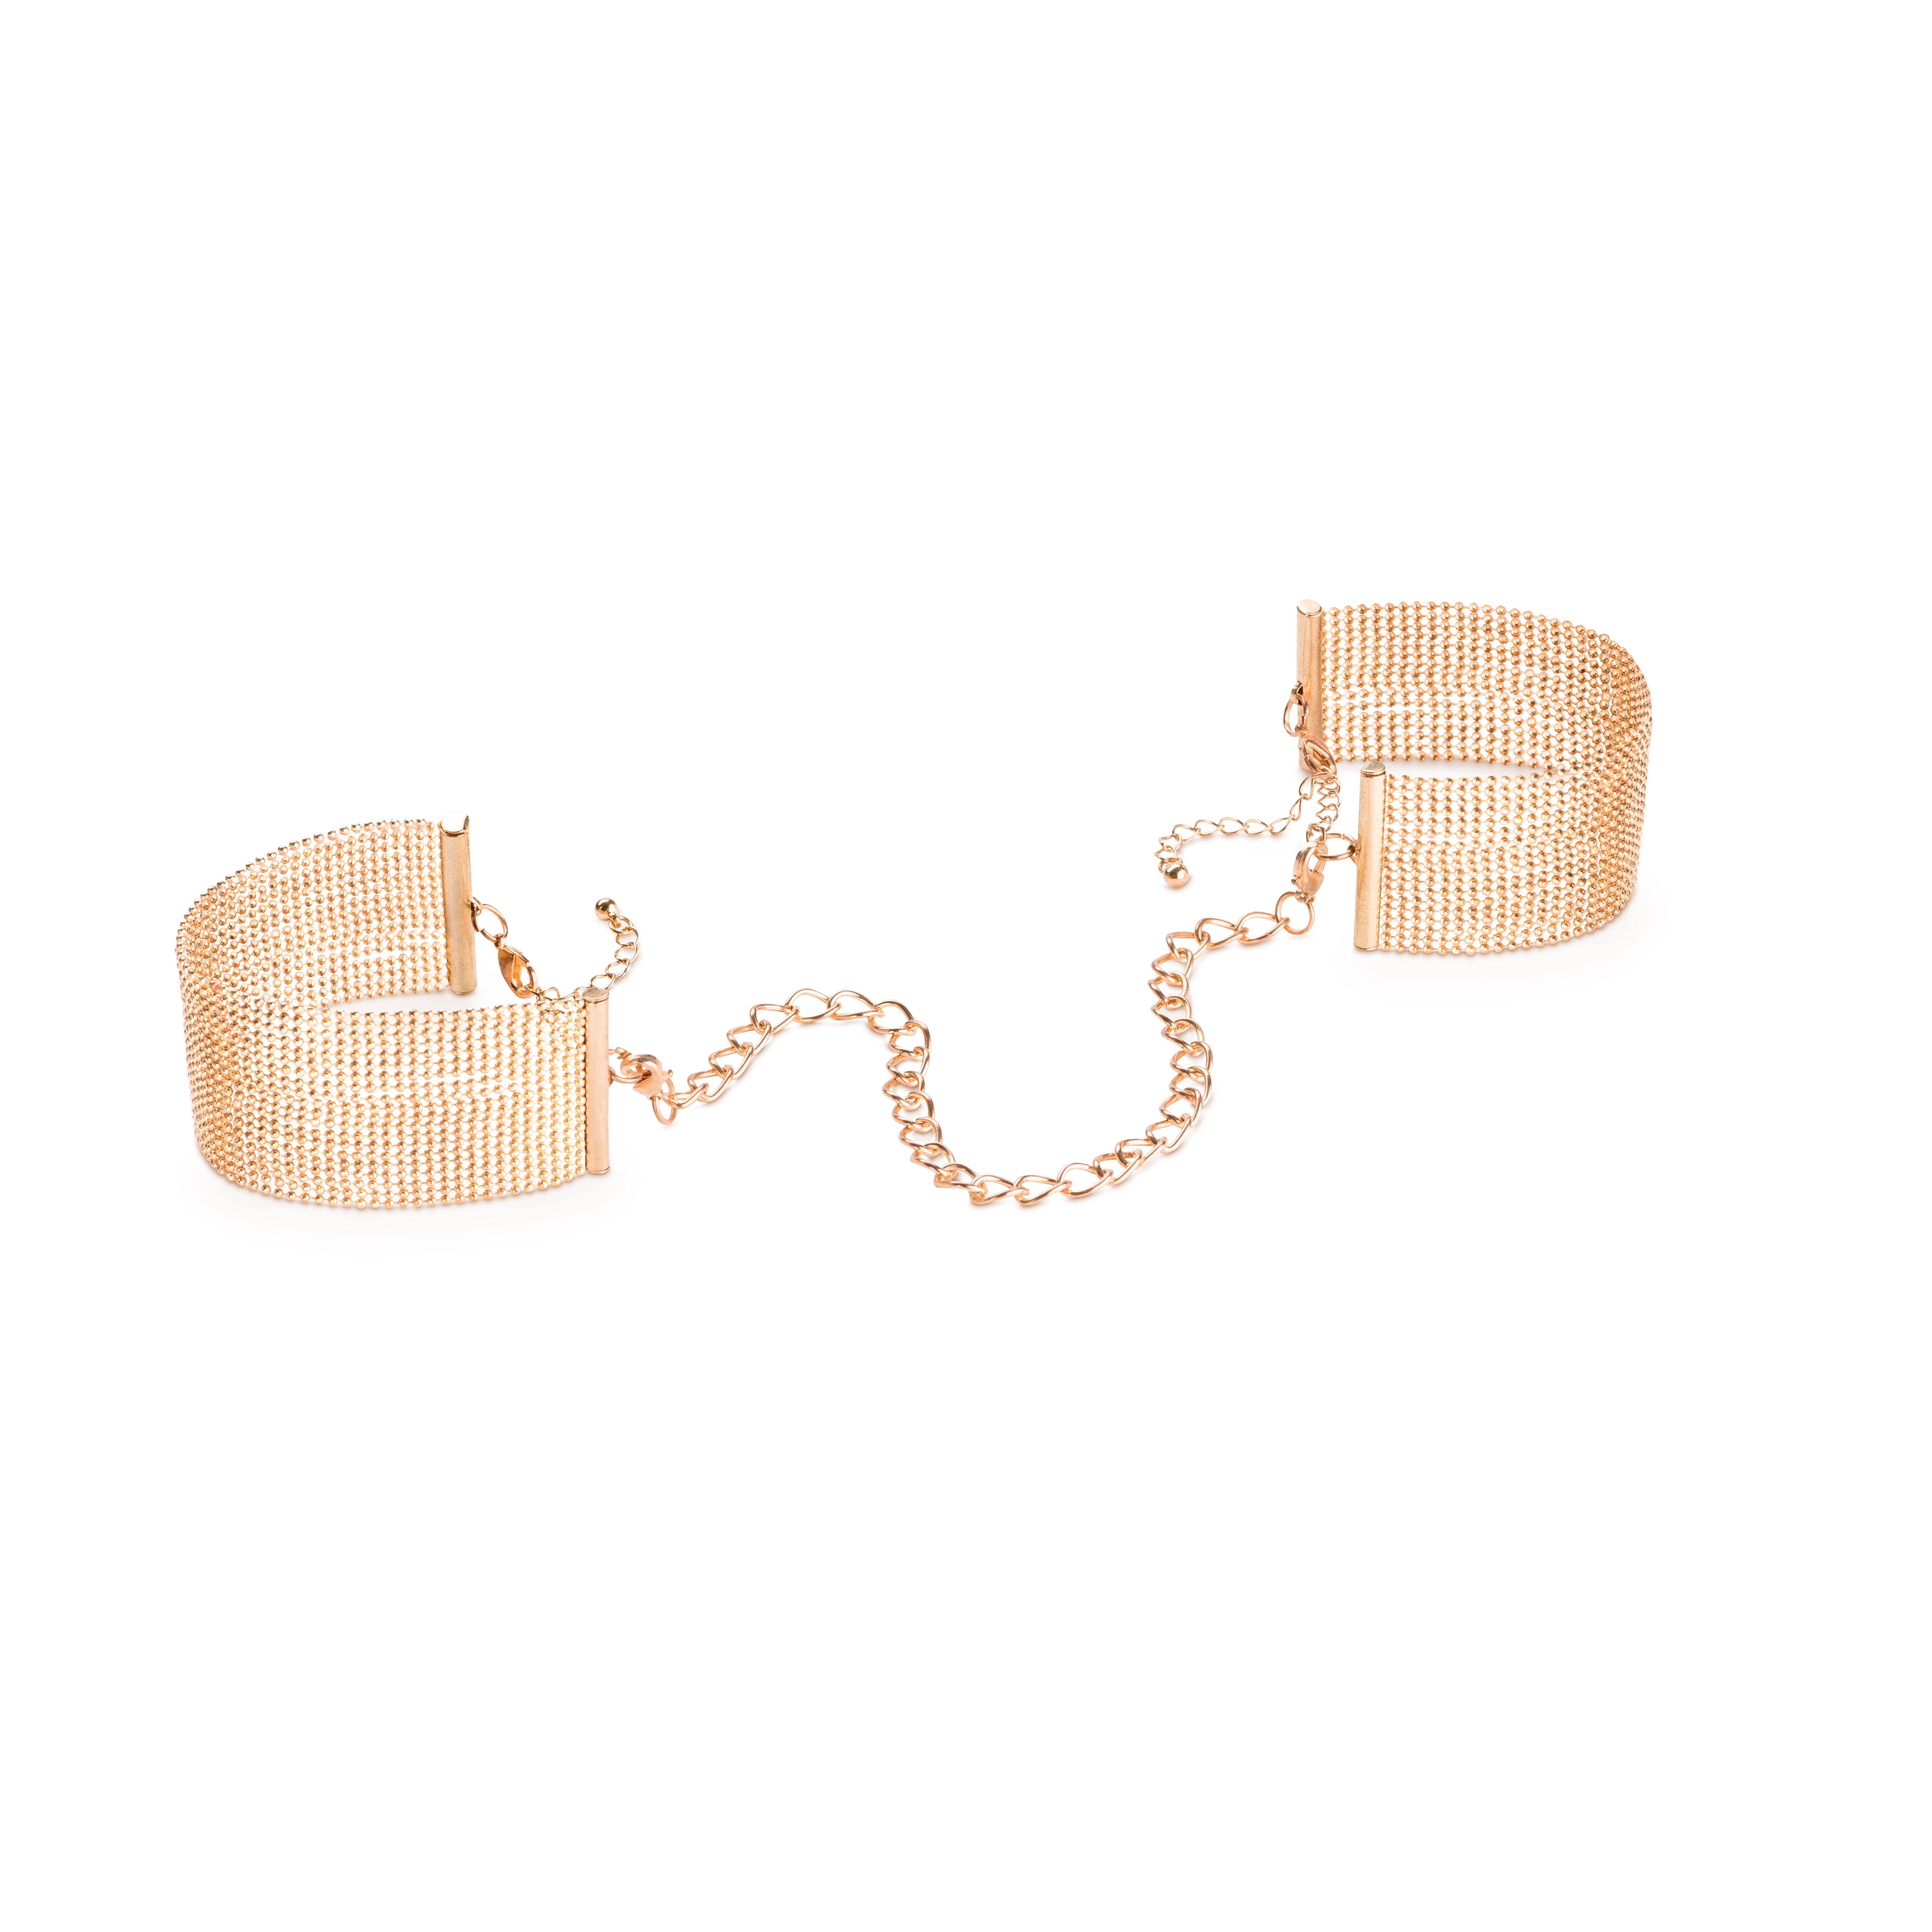 Bijoux Indiscrets - Magnifique Guld Håndjern i metal